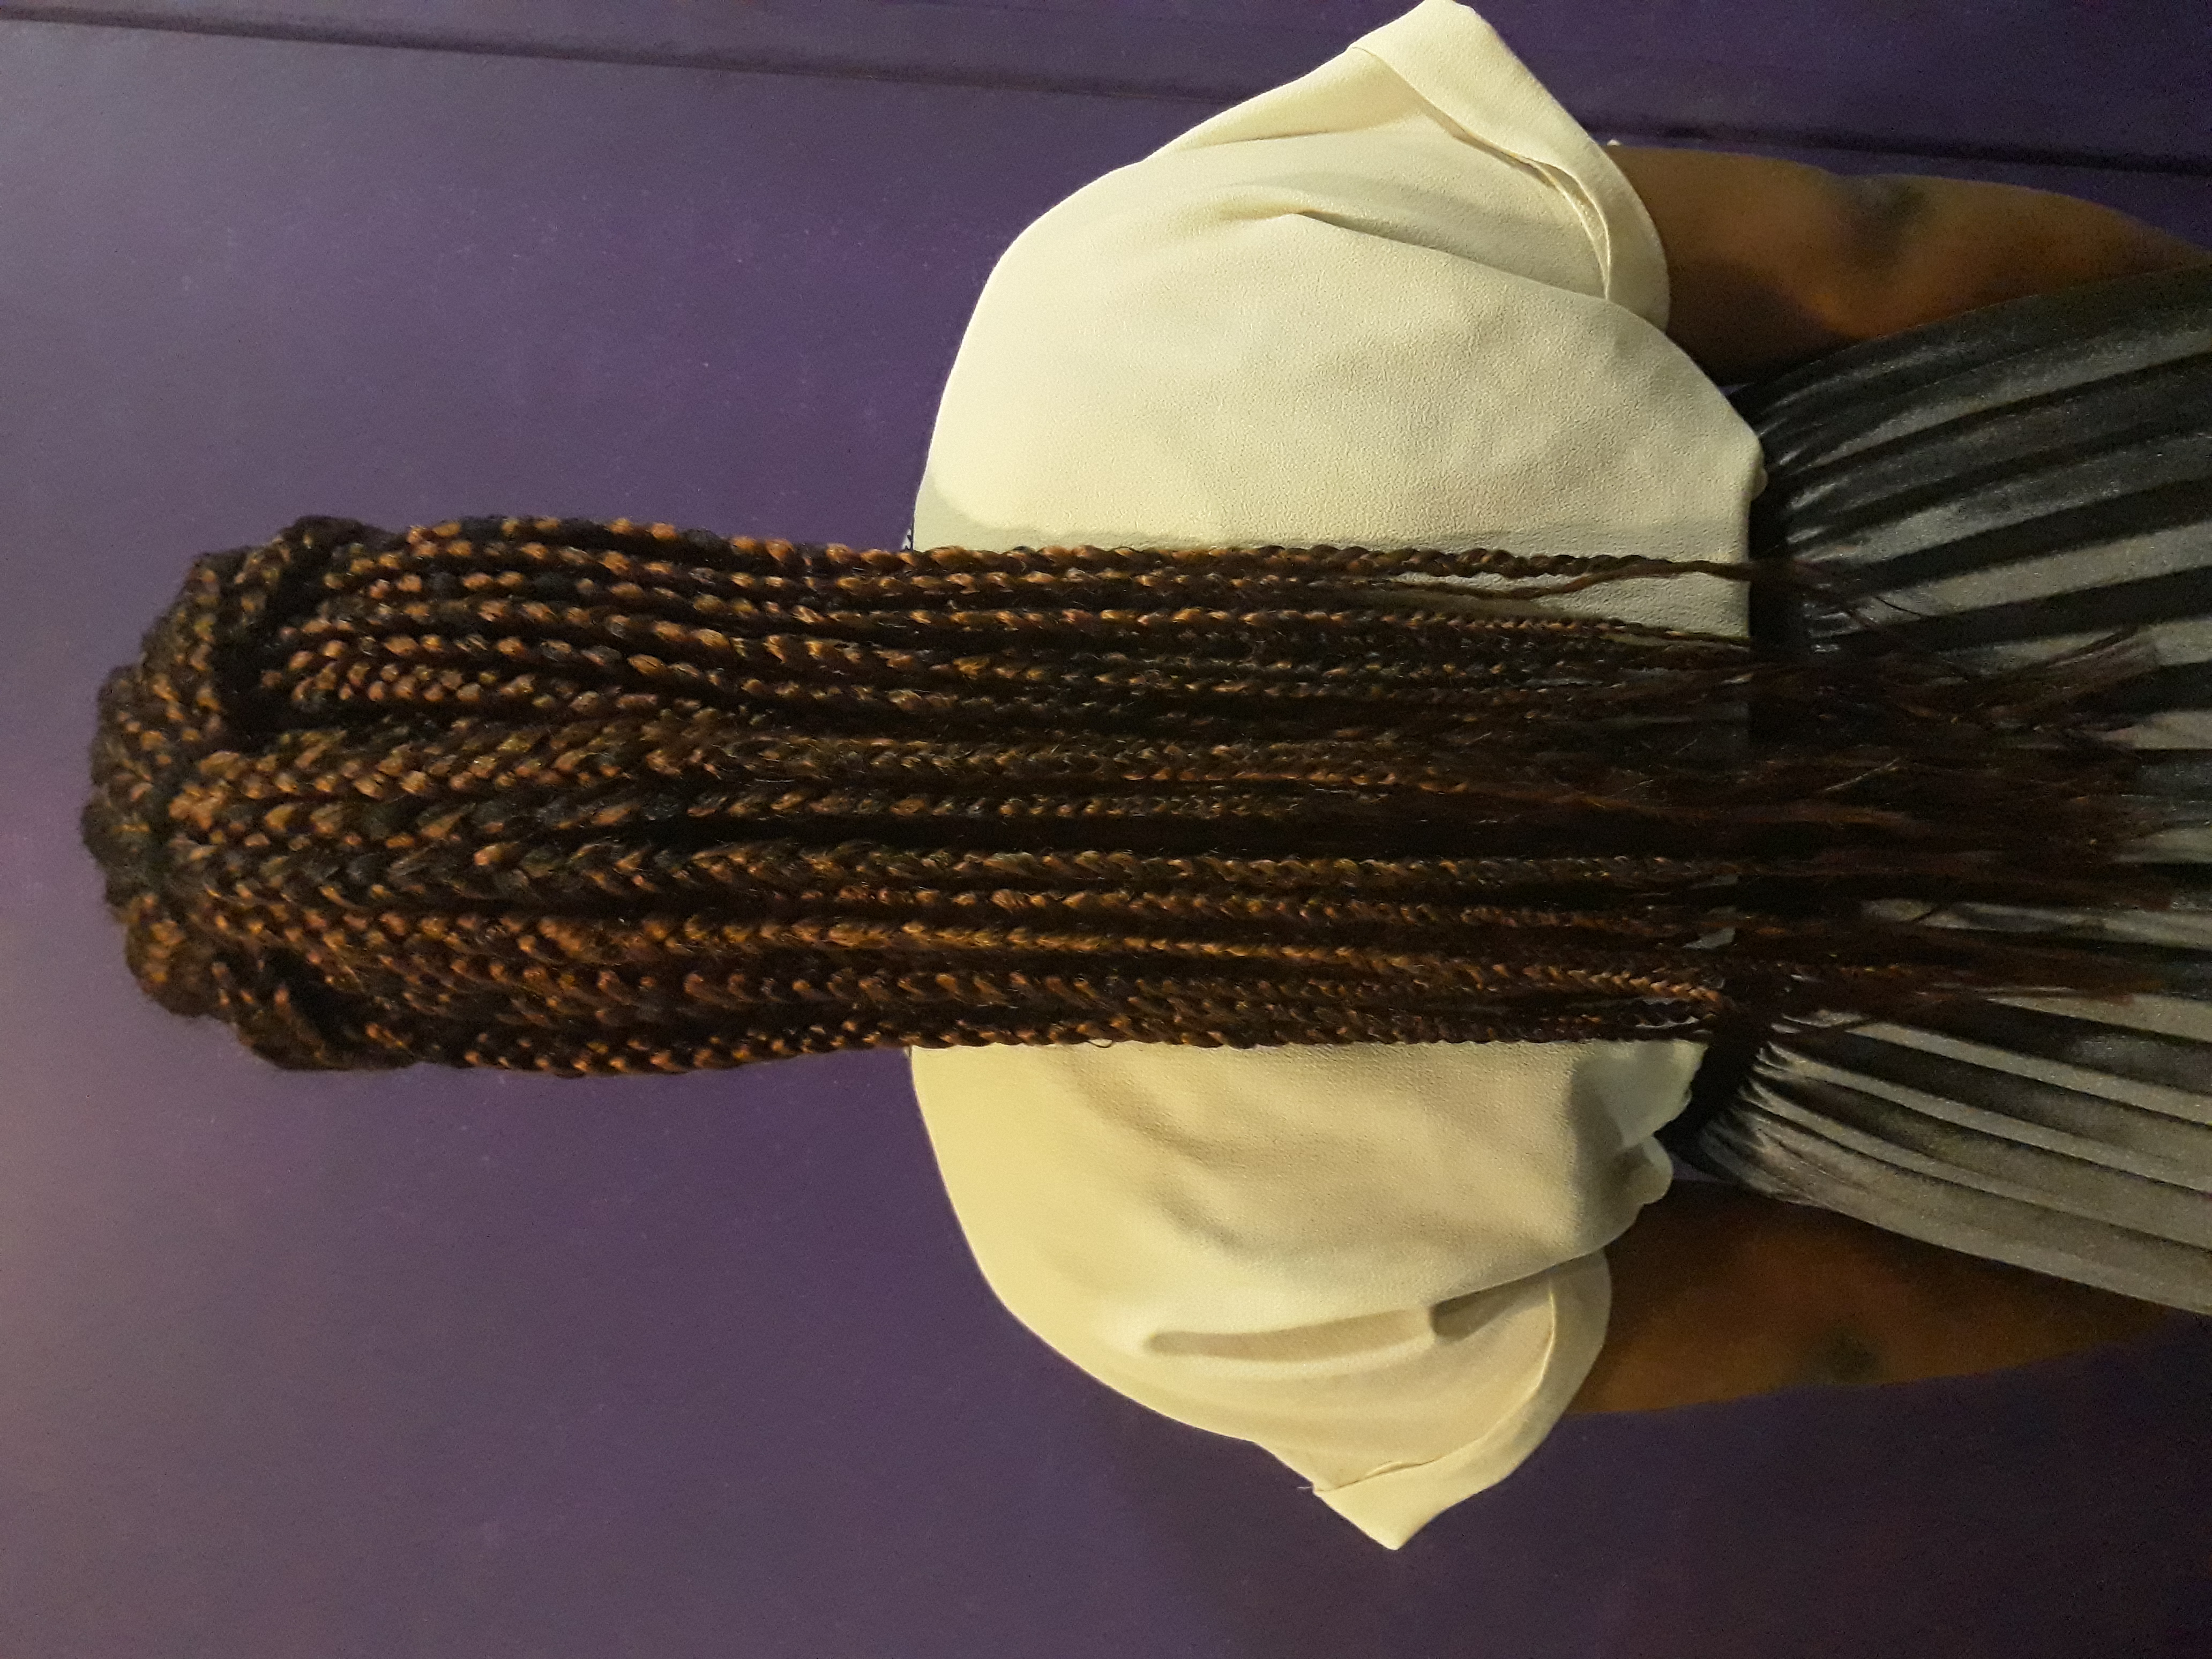 salon de coiffure afro tresse tresses box braids crochet braids vanilles tissages paris 75 77 78 91 92 93 94 95 ZKTZEUAD